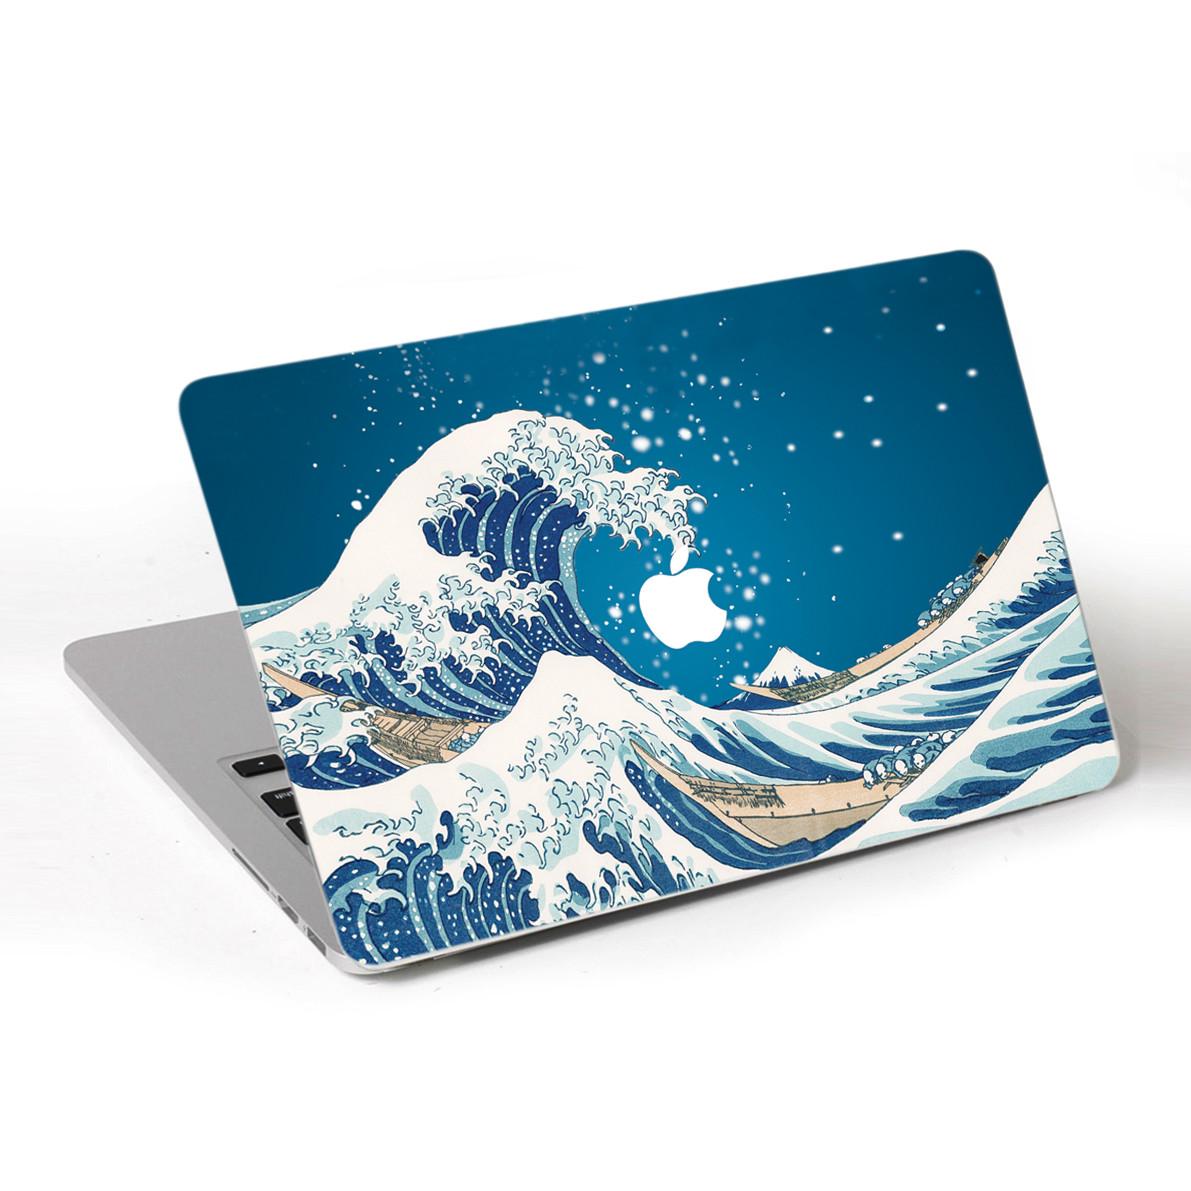 Miếng Dán Trang Trí Dành Cho Macbook Mac - 158 - 16154826 , 1011063909789 , 62_22442352 , 150000 , Mieng-Dan-Trang-Tri-Danh-Cho-Macbook-Mac-158-62_22442352 , tiki.vn , Miếng Dán Trang Trí Dành Cho Macbook Mac - 158